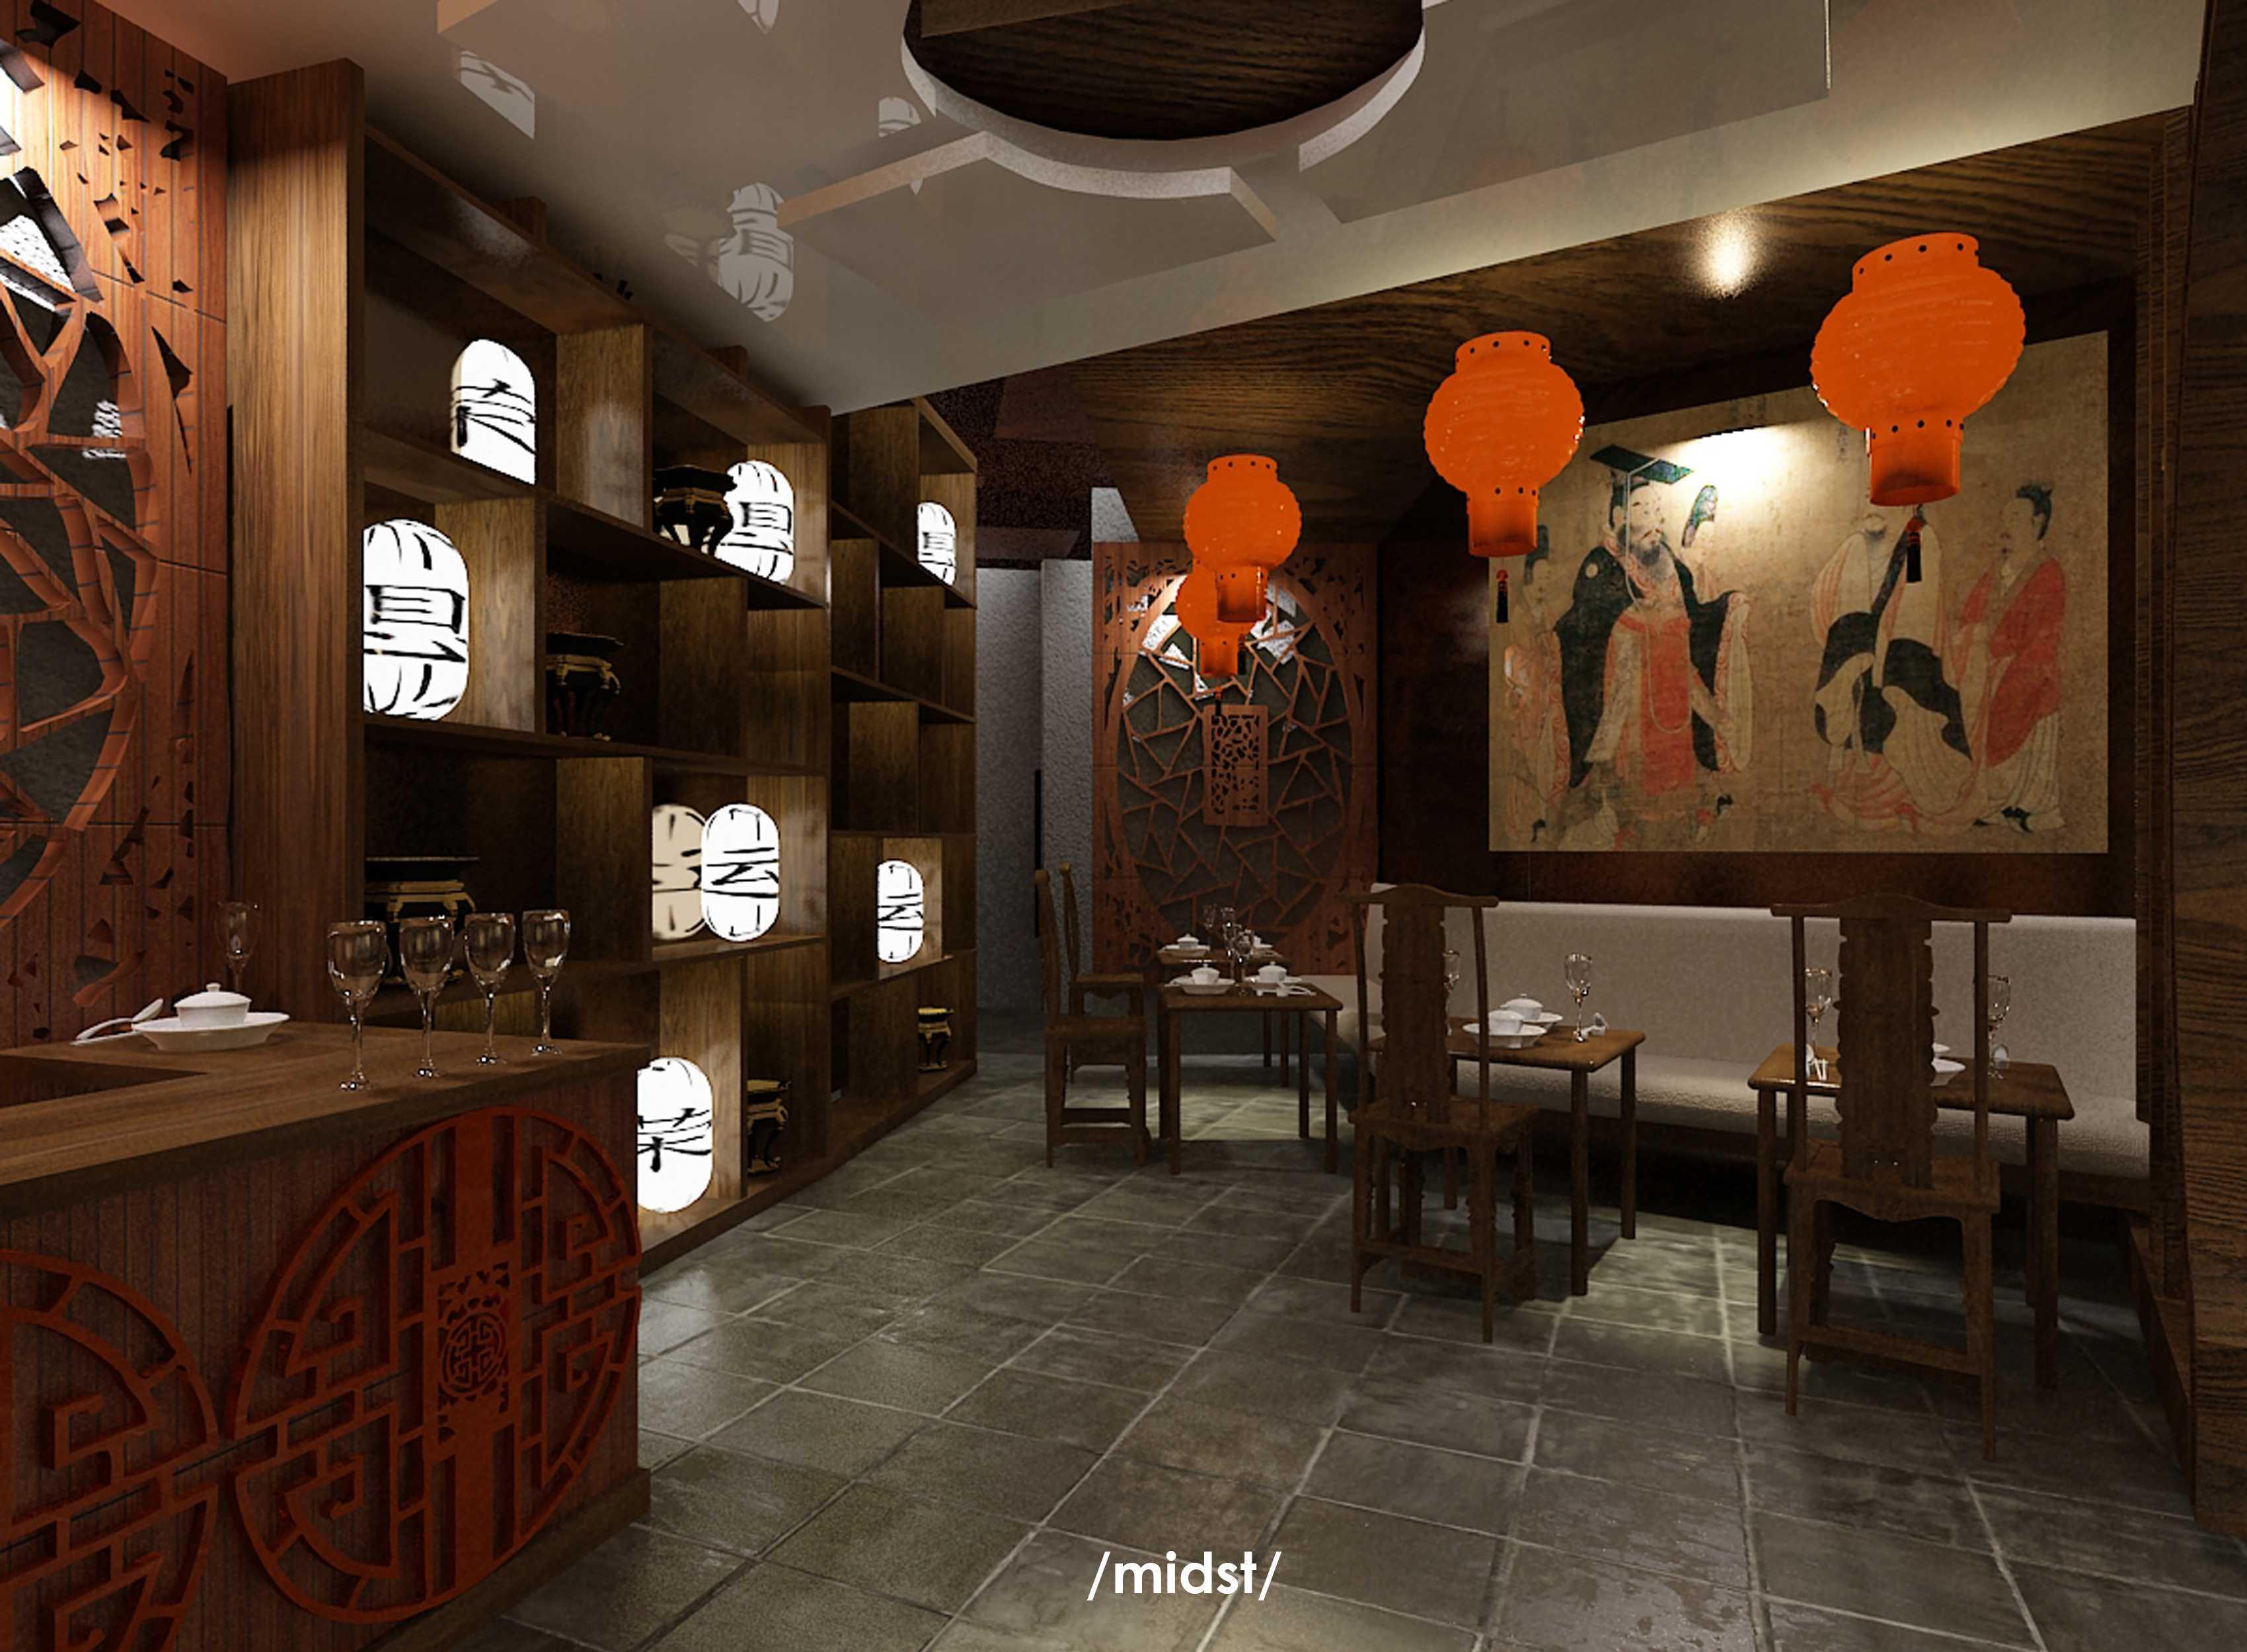 Midst Interiors Chinese Restaurant Jakarta, Daerah Khusus Ibukota Jakarta, Indonesia Jakarta, Daerah Khusus Ibukota Jakarta, Indonesia Midst-Interiors-Chinese-Restaurant   86293